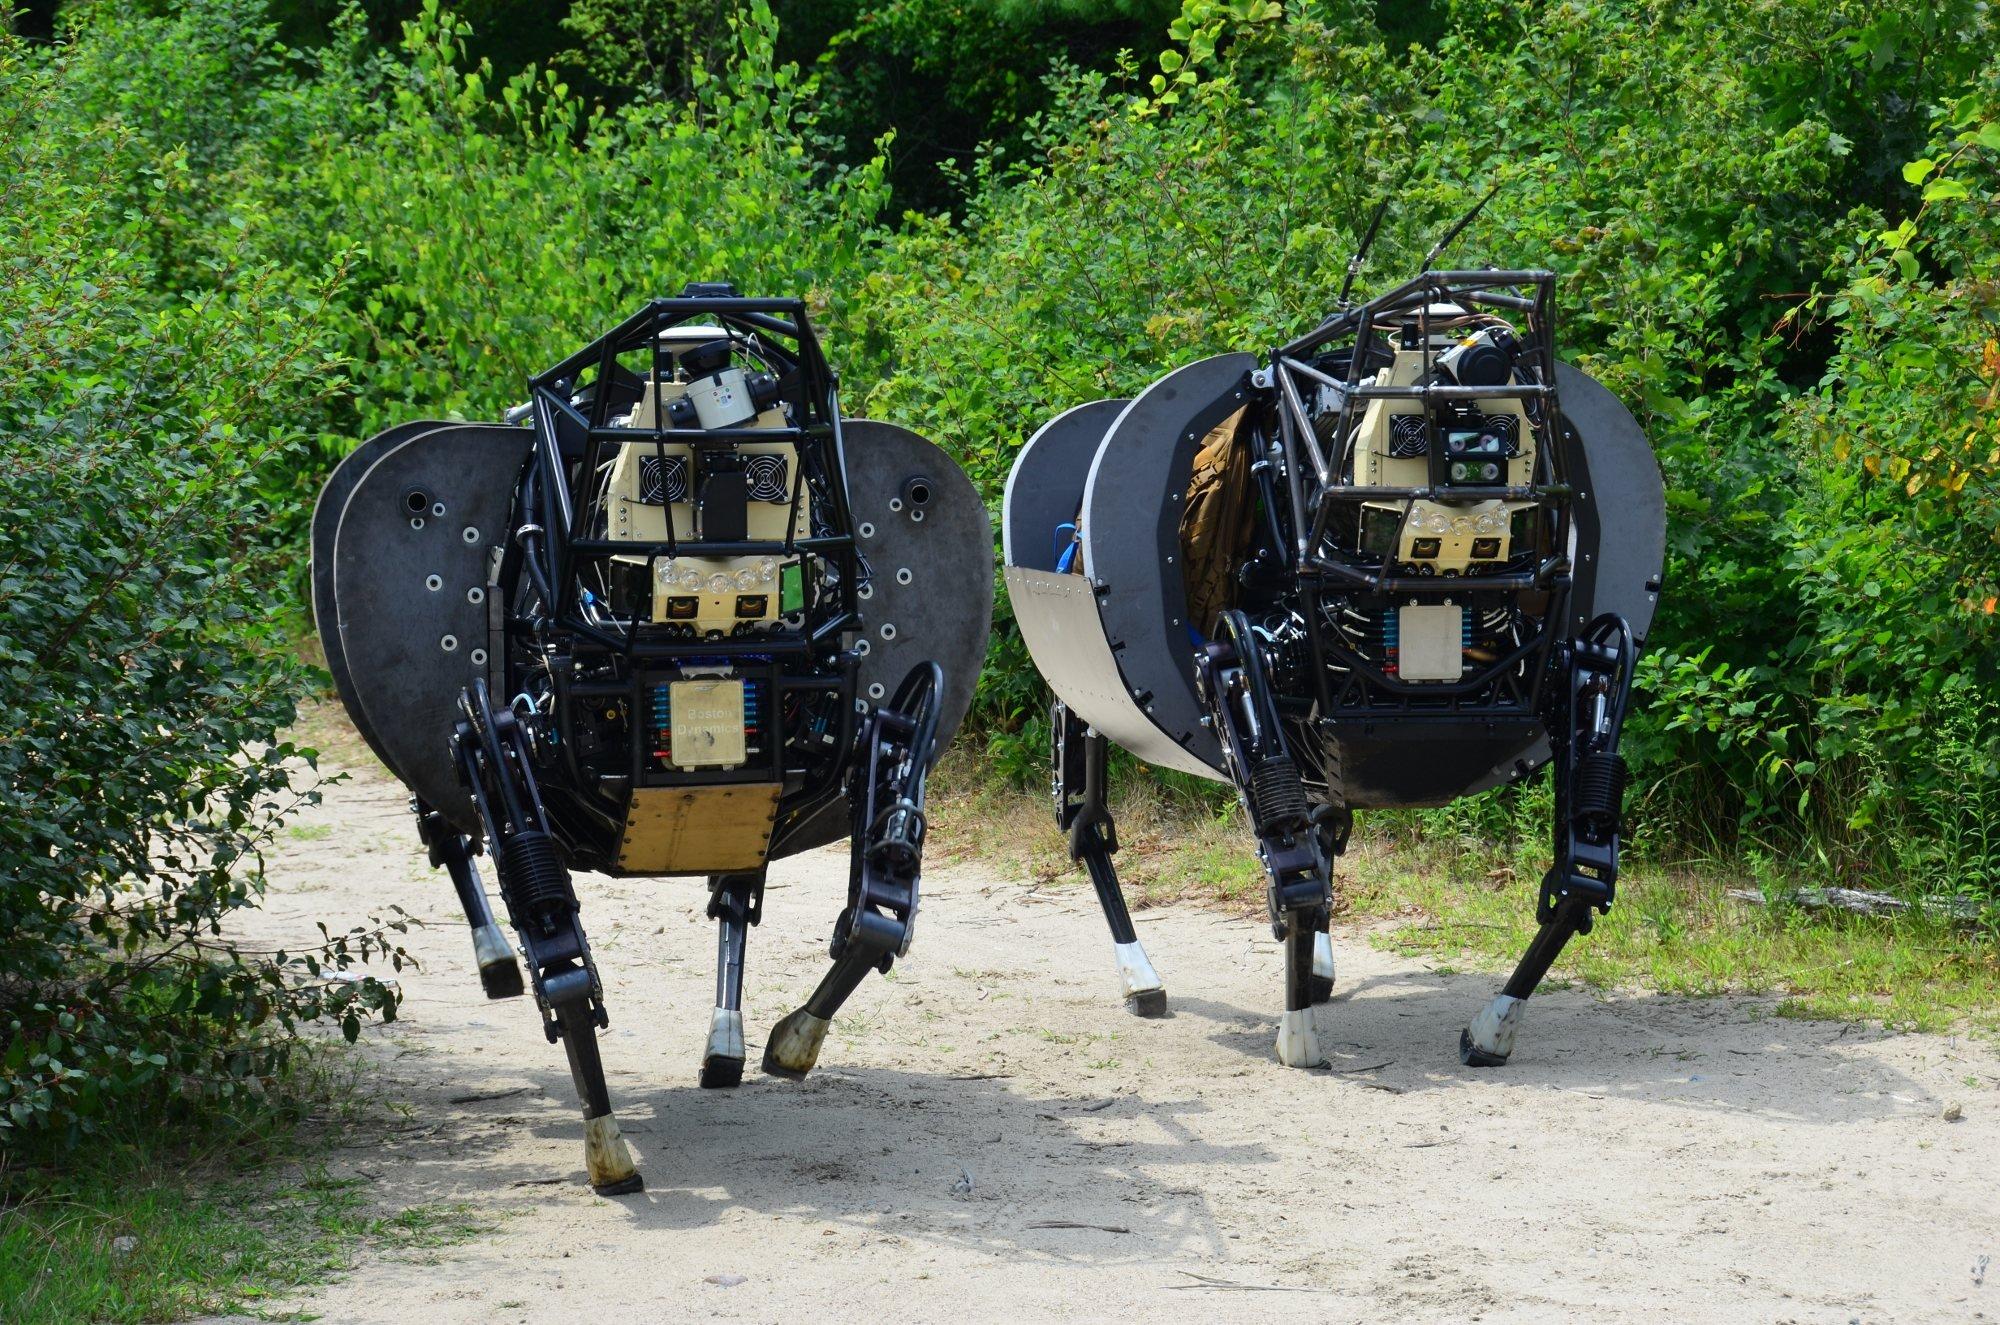 Roboter von Boston Dynamics laufen wie Pferde durchs Gelände: Die Google-Tochter ist weltweit führend bei der Entwicklung mobiler Roboter. Jetzt soll der Auftragsfertiger Foxconn von diesem Wissen profitieren.